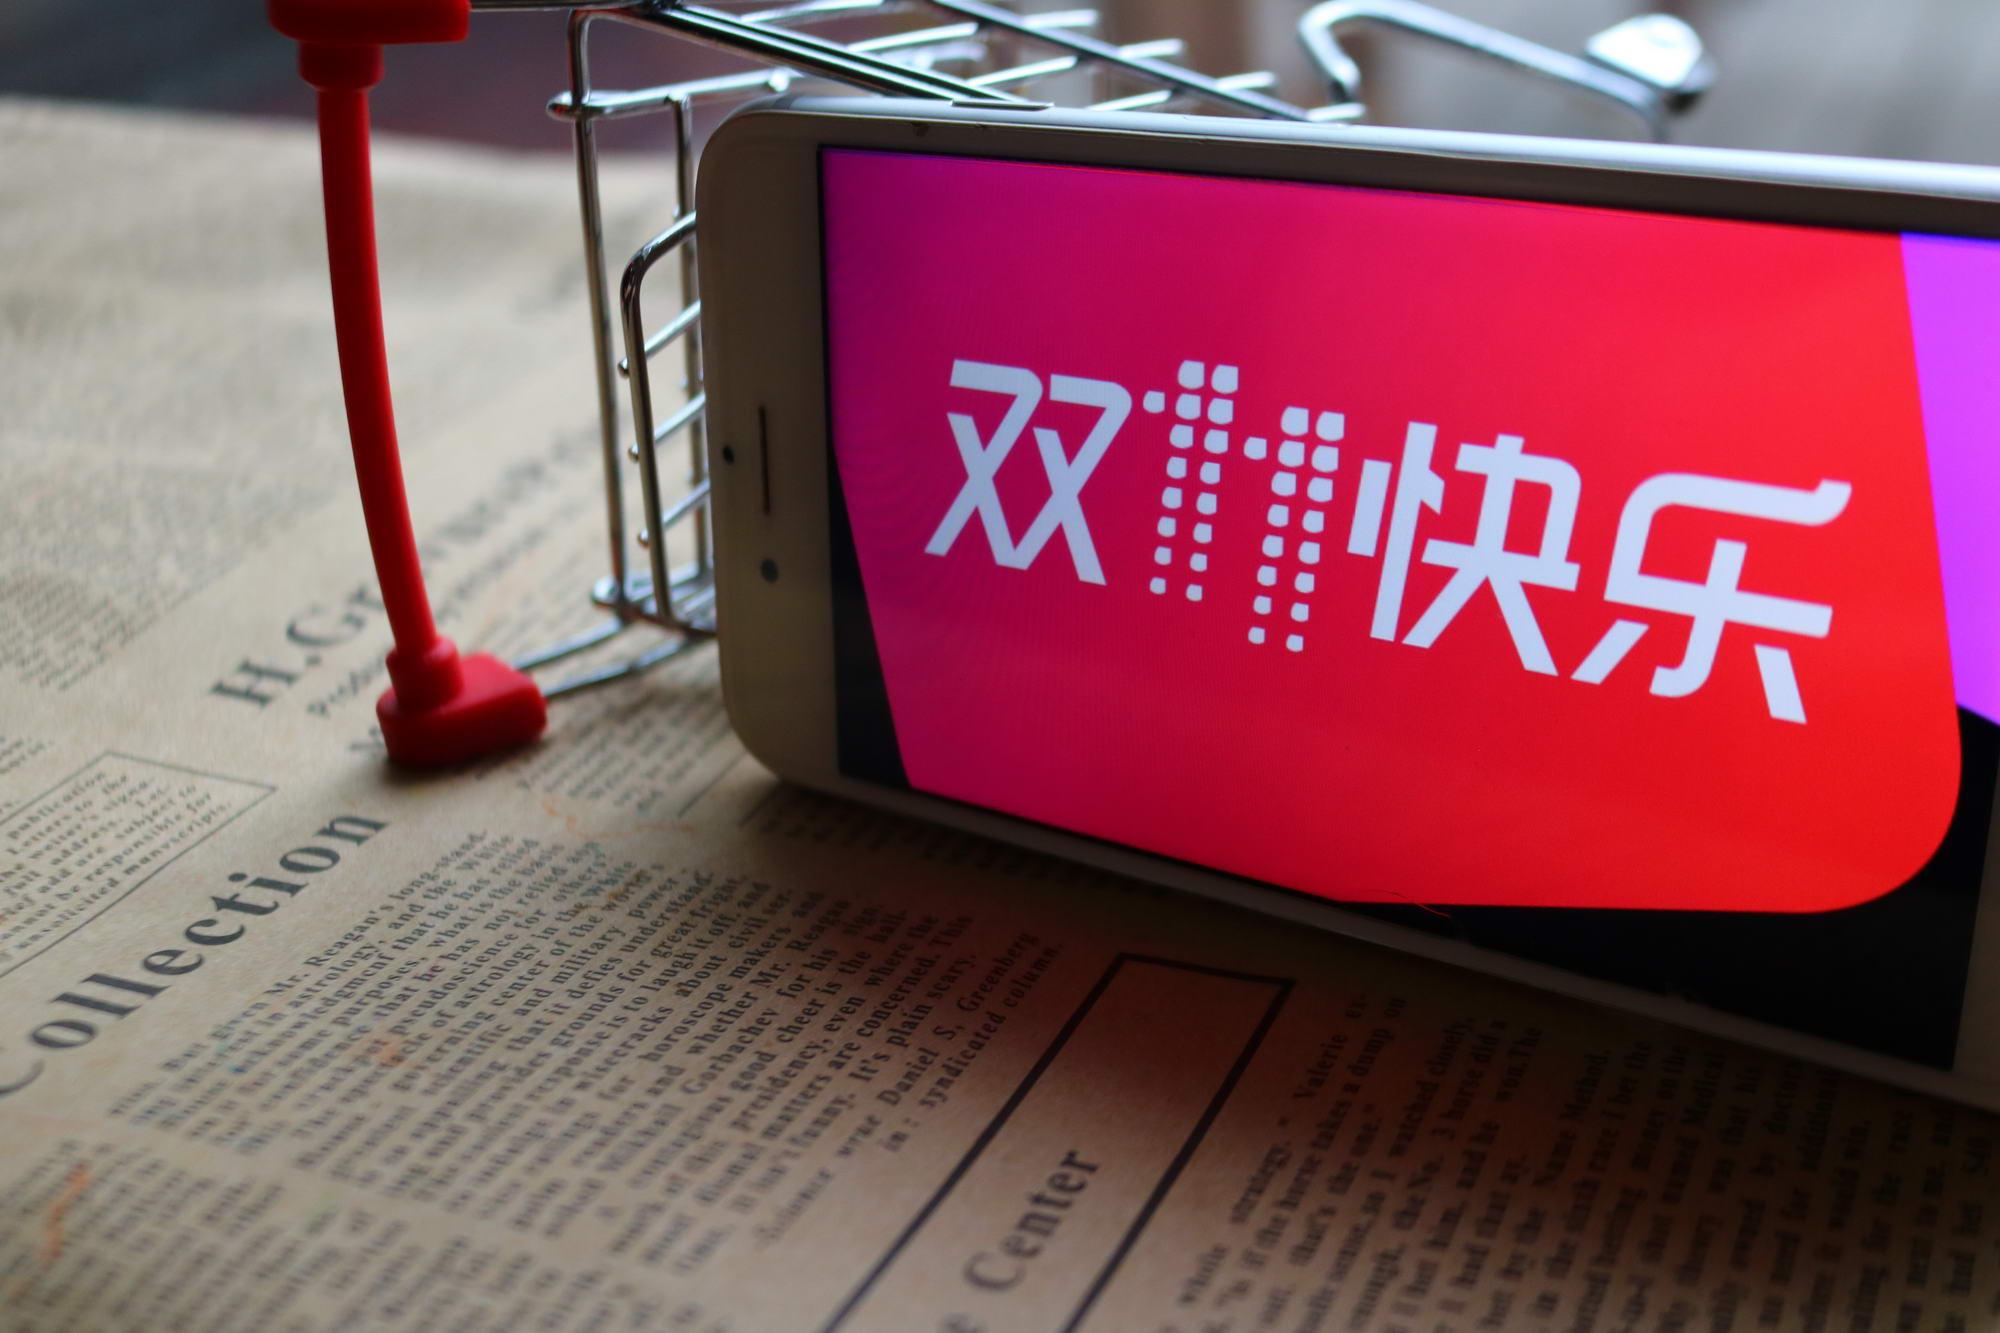 京东11.11预售战报:进口宠物主粮预售20分钟同比增长超30倍_零售_电商报